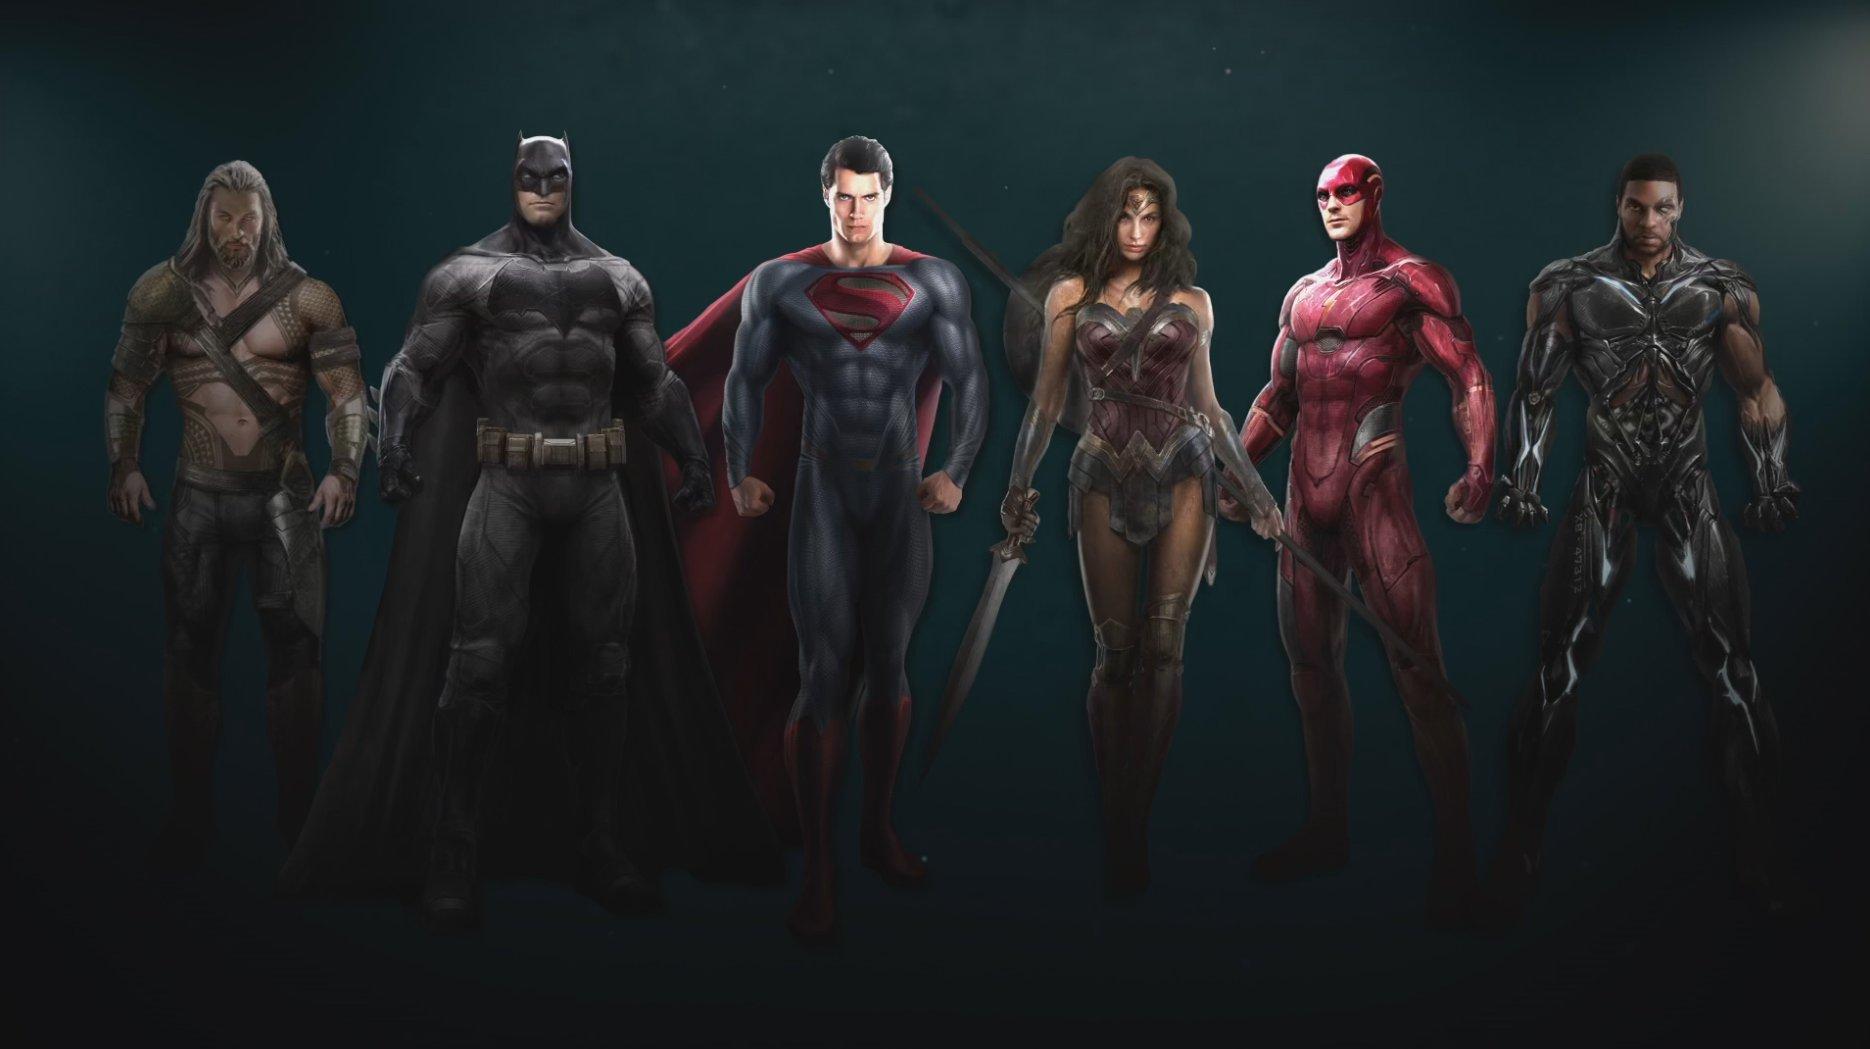 La Liga de la Justicia... Jesse Eisenberg